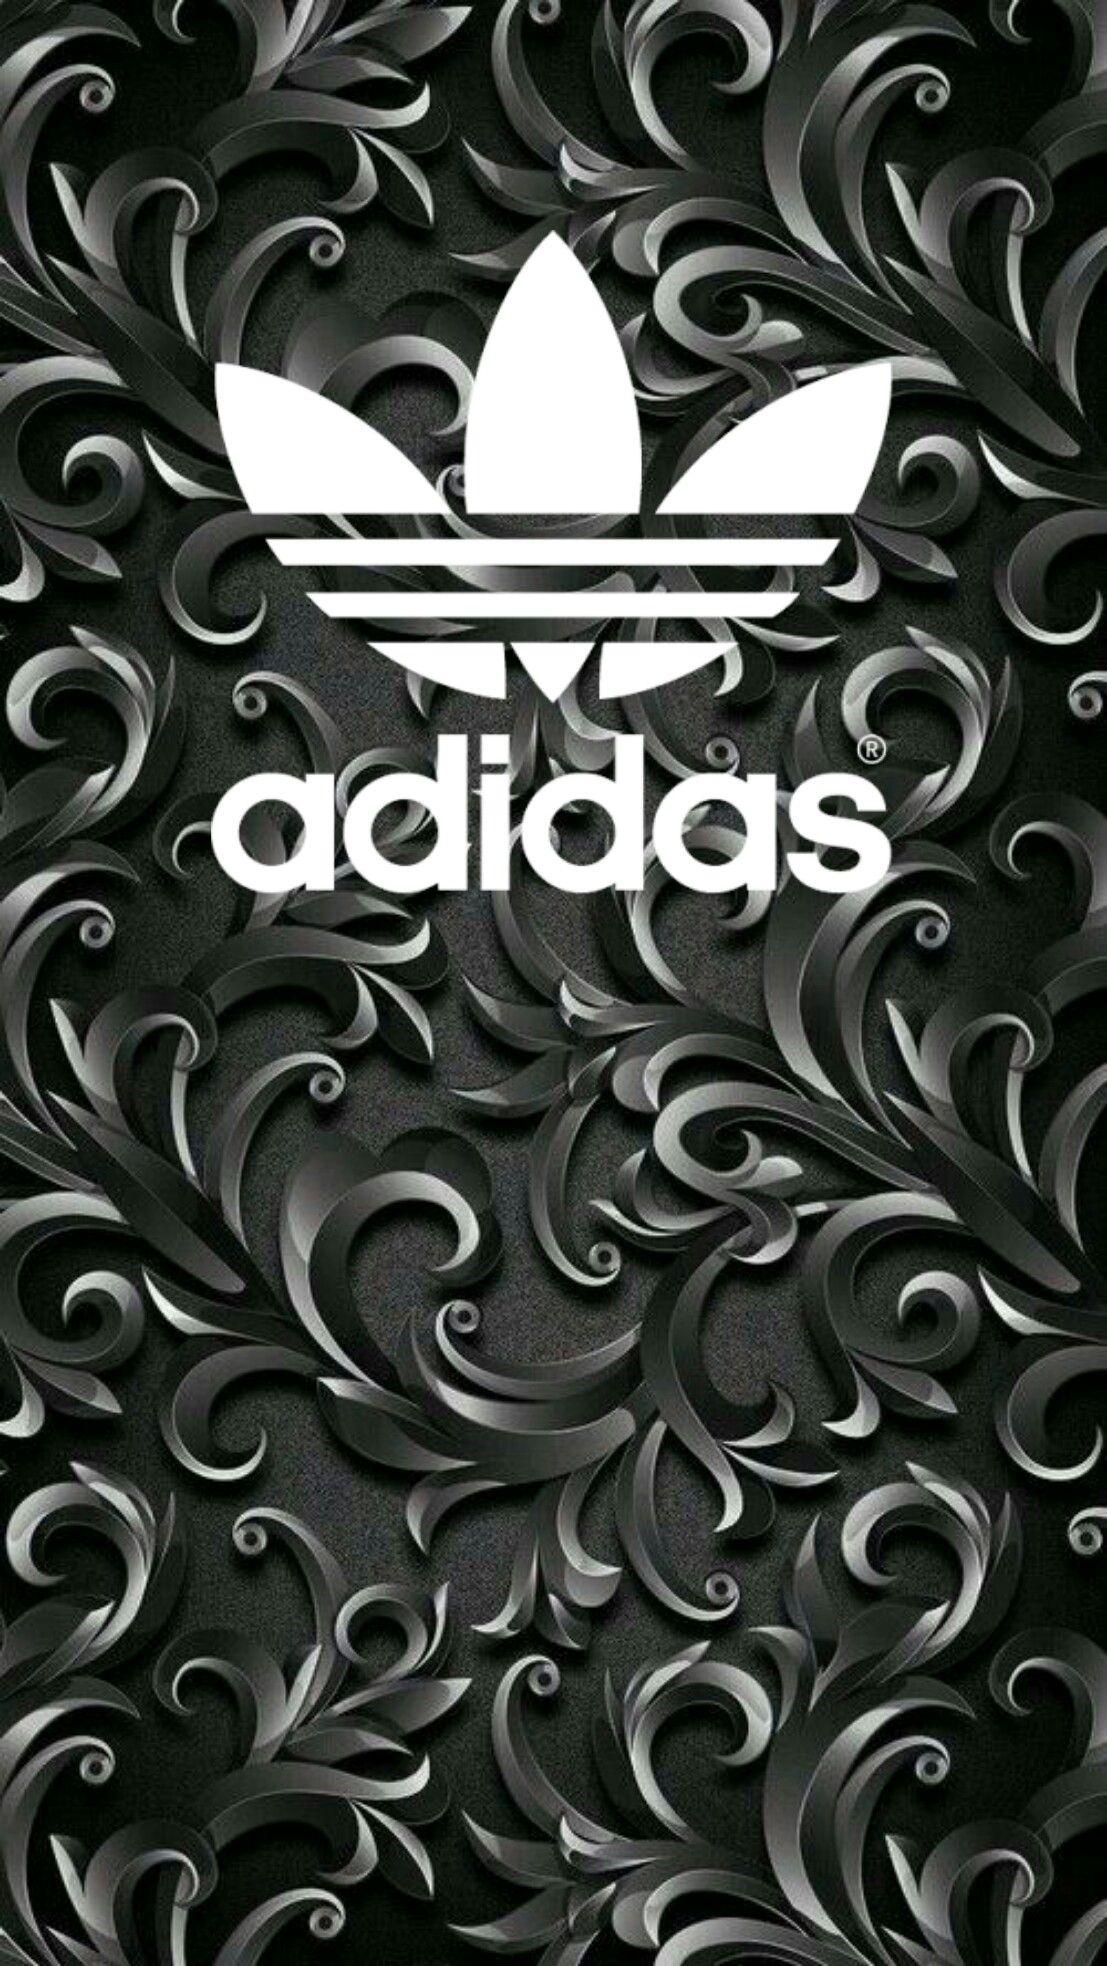 Adidas Black Wallpaper Android Iphone Adidas Adidas Art Adidas Wallpapers